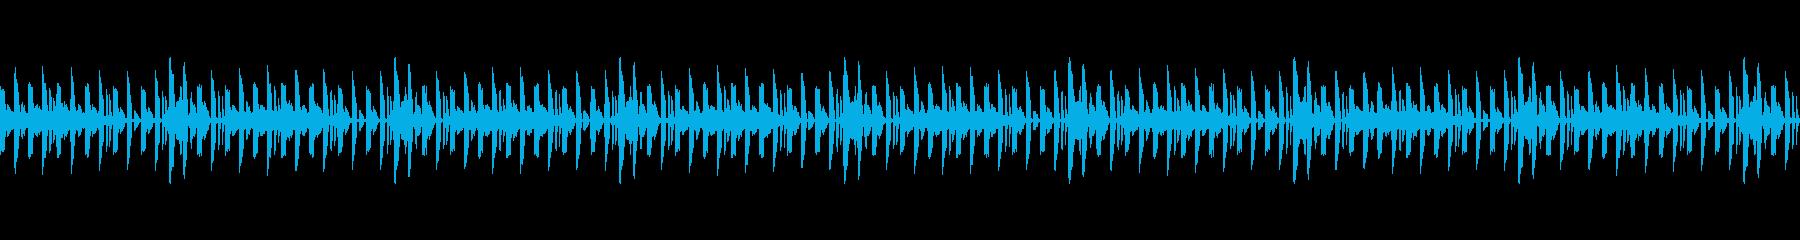 テクノなドラムループの再生済みの波形